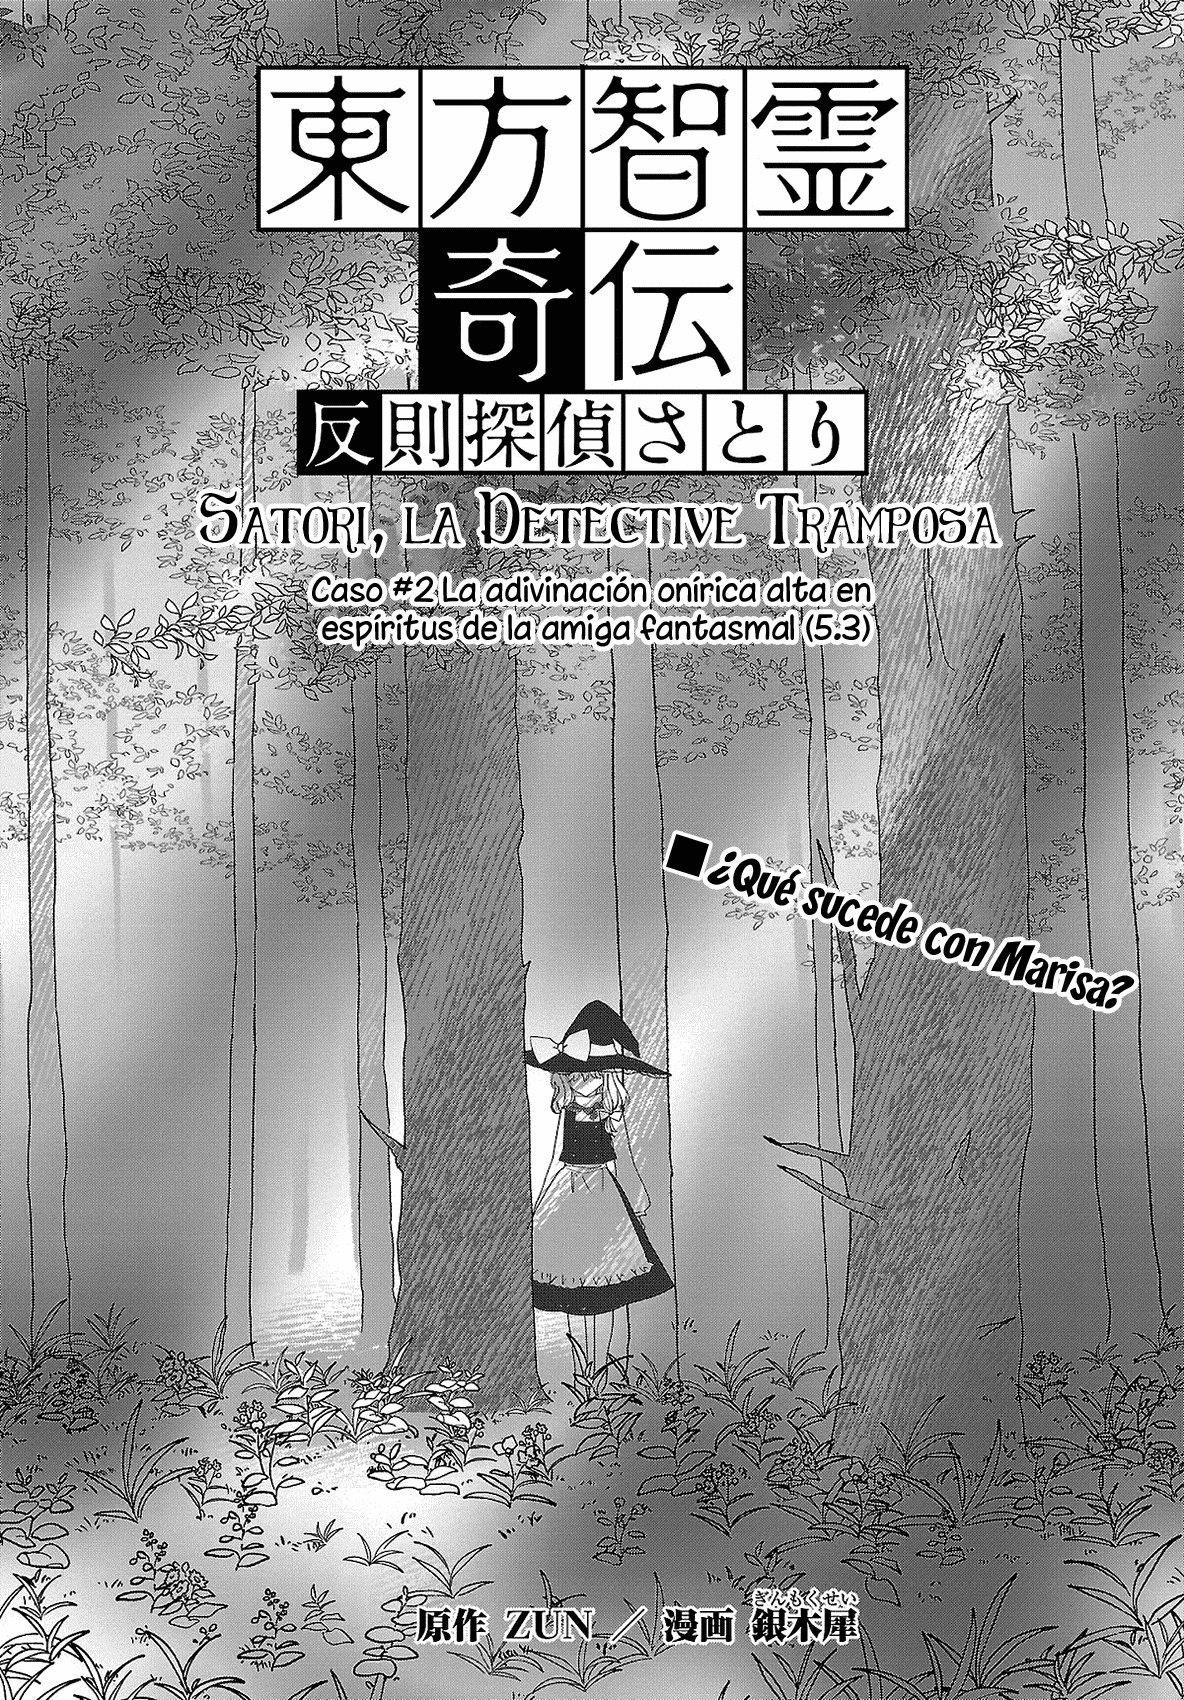 https://nine.mangadogs.com/es_manga/pic9/8/35464/972213/d22164fcc6ce2e97e0fd2f02c953e1a4.jpg Page 1